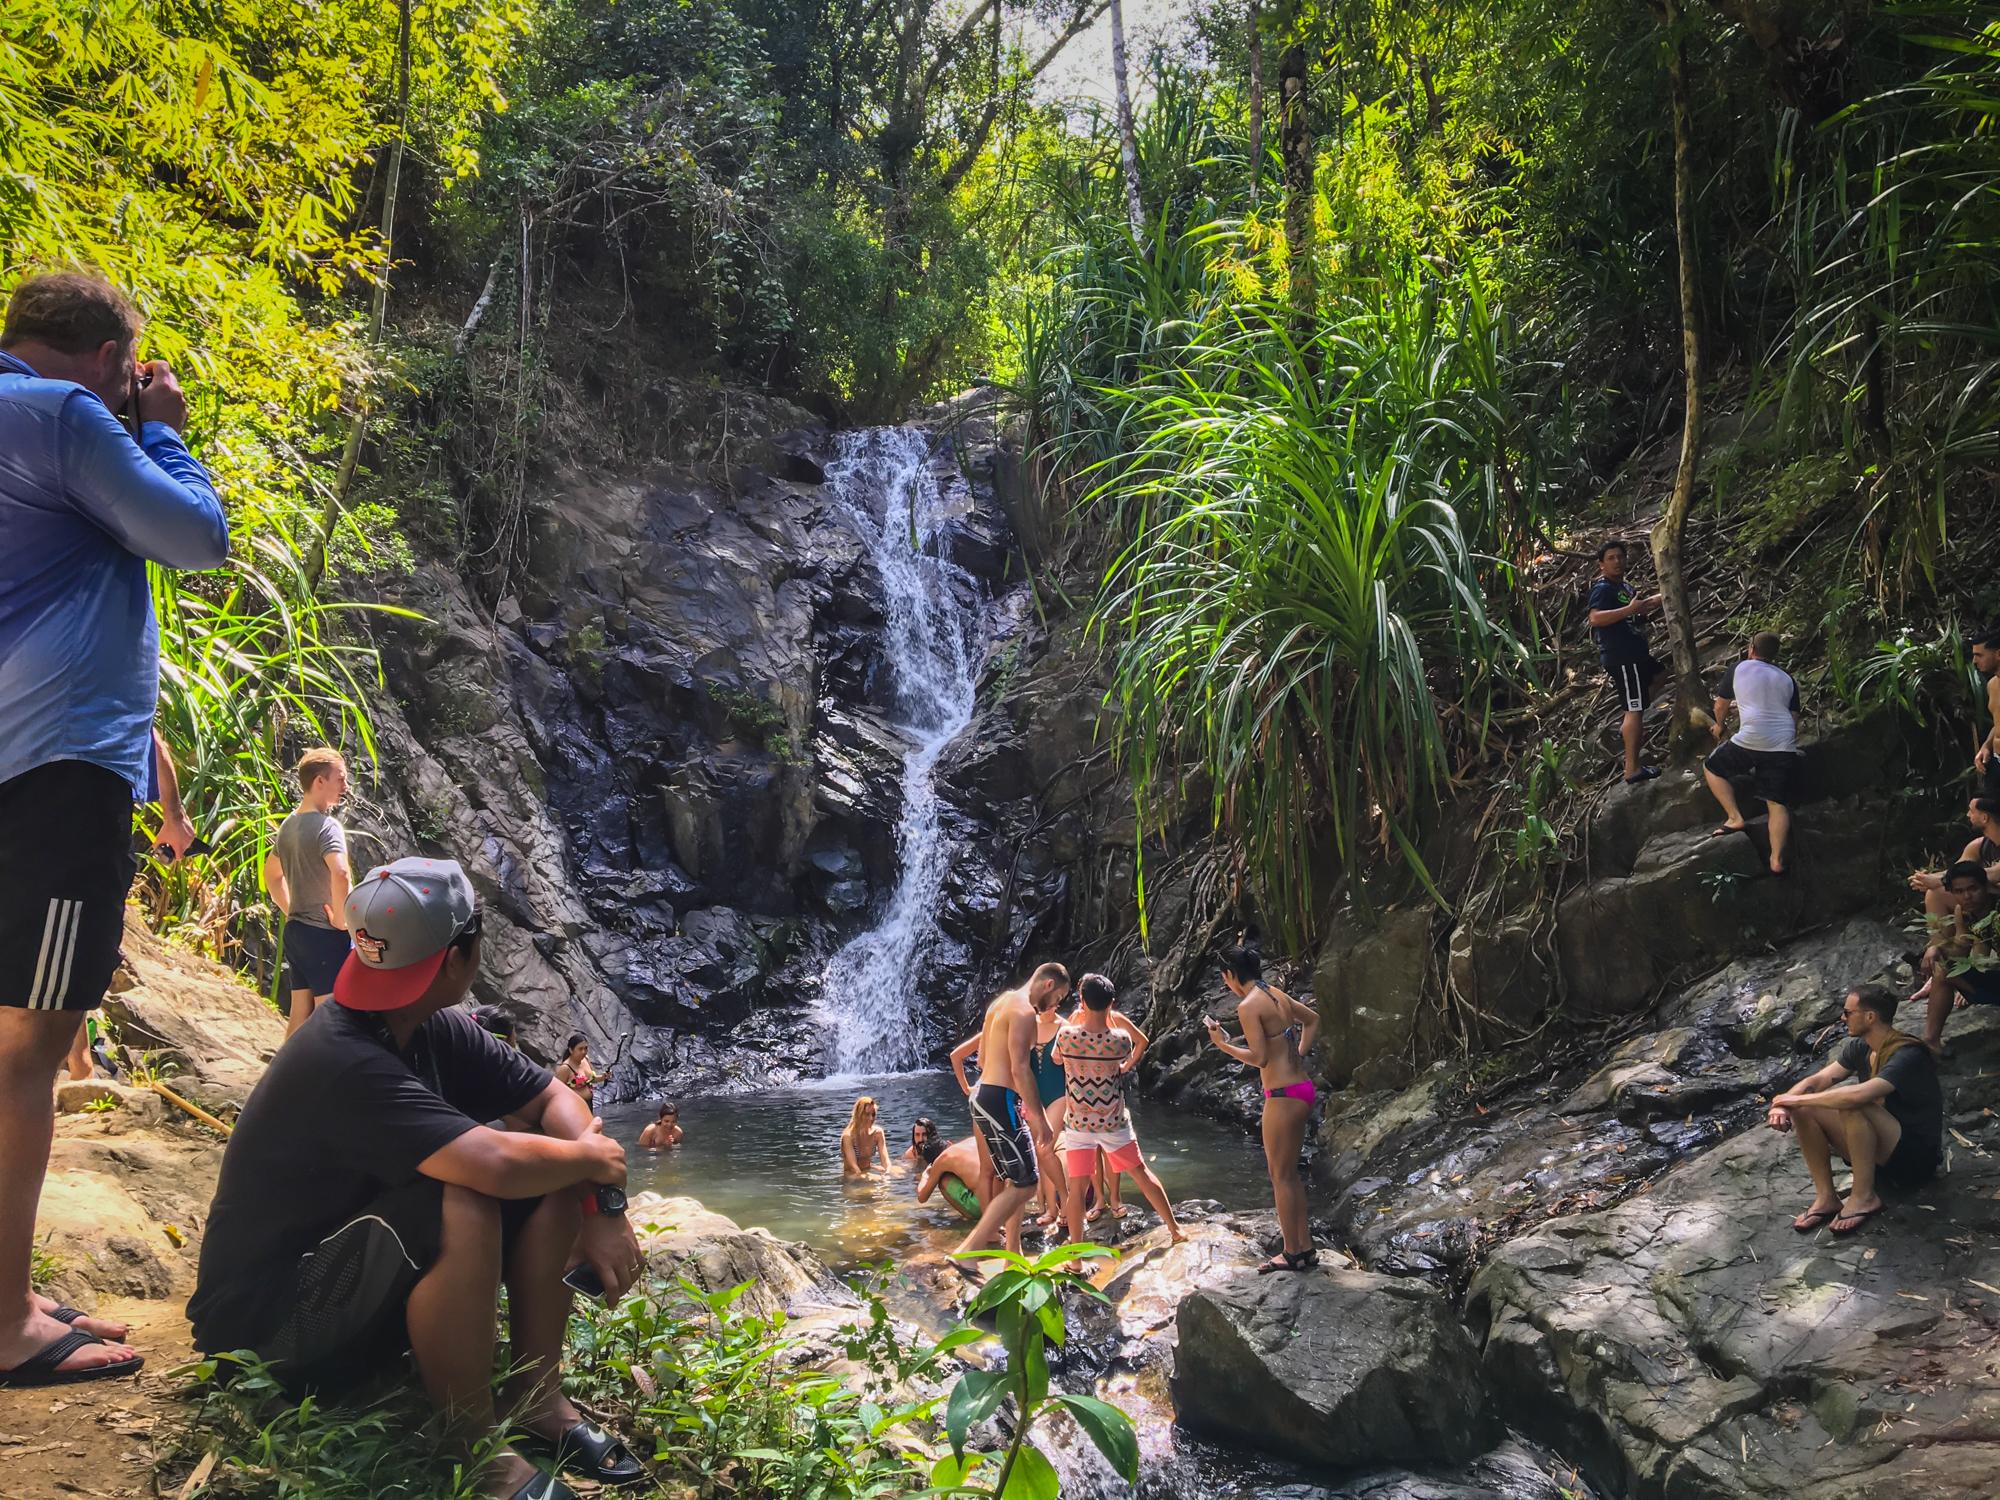 Nagkalit-kalit Waterfall